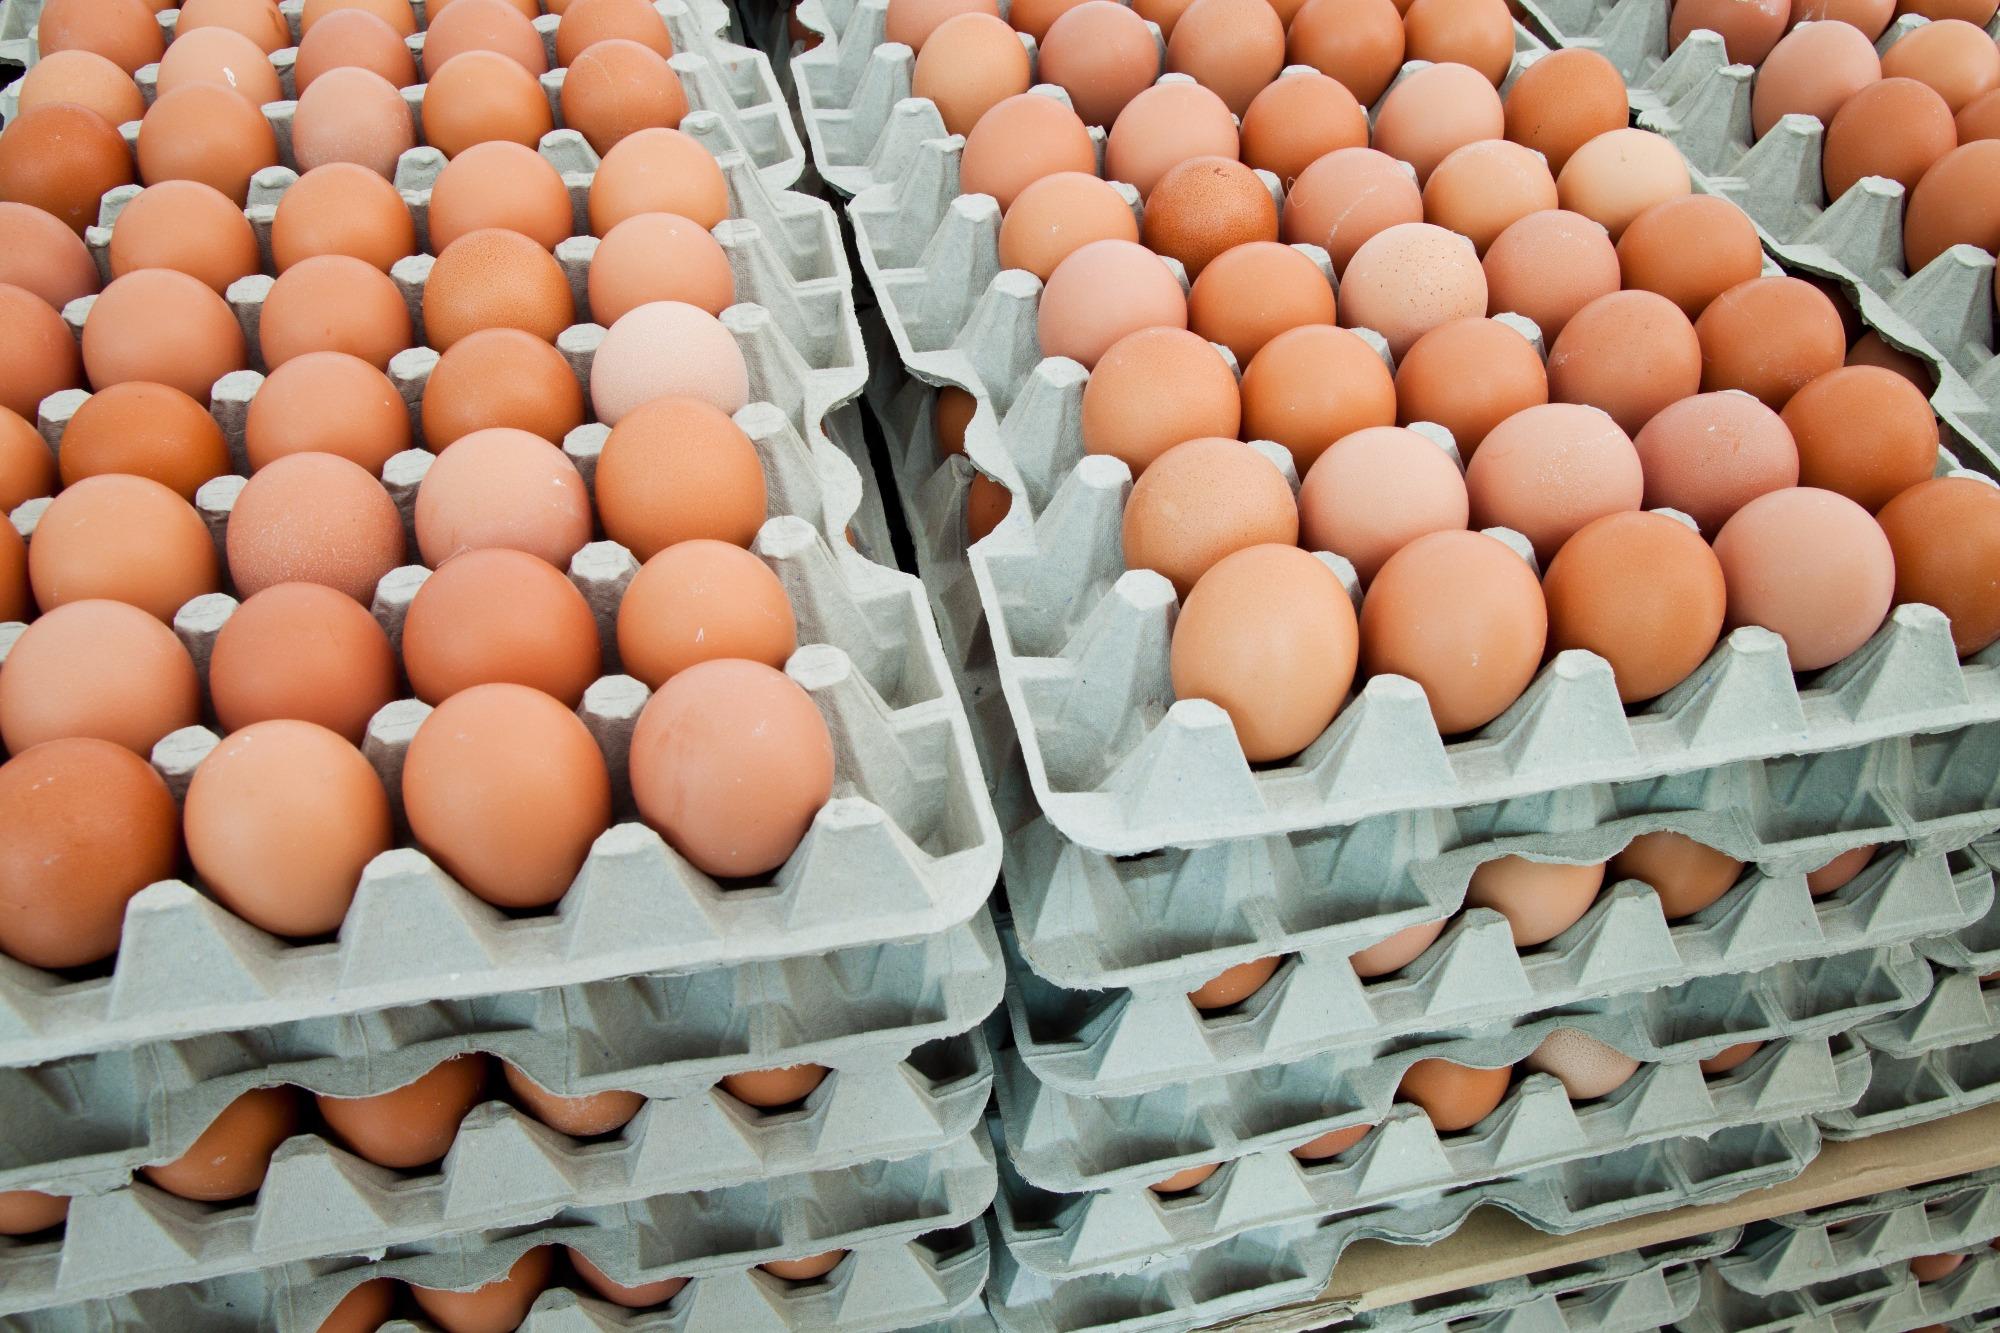 Pesquisadores da UFGD desenvolvem material que prolonga a validade de ovos na prateleira